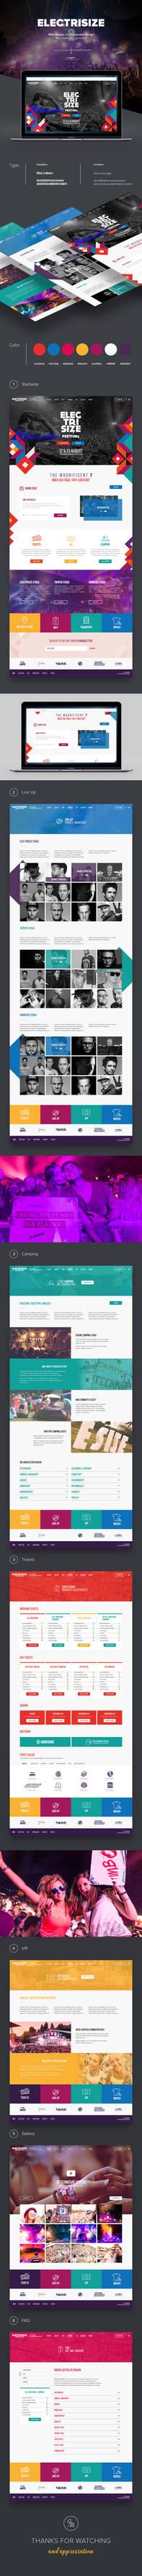 Electrisize Website Design #2016